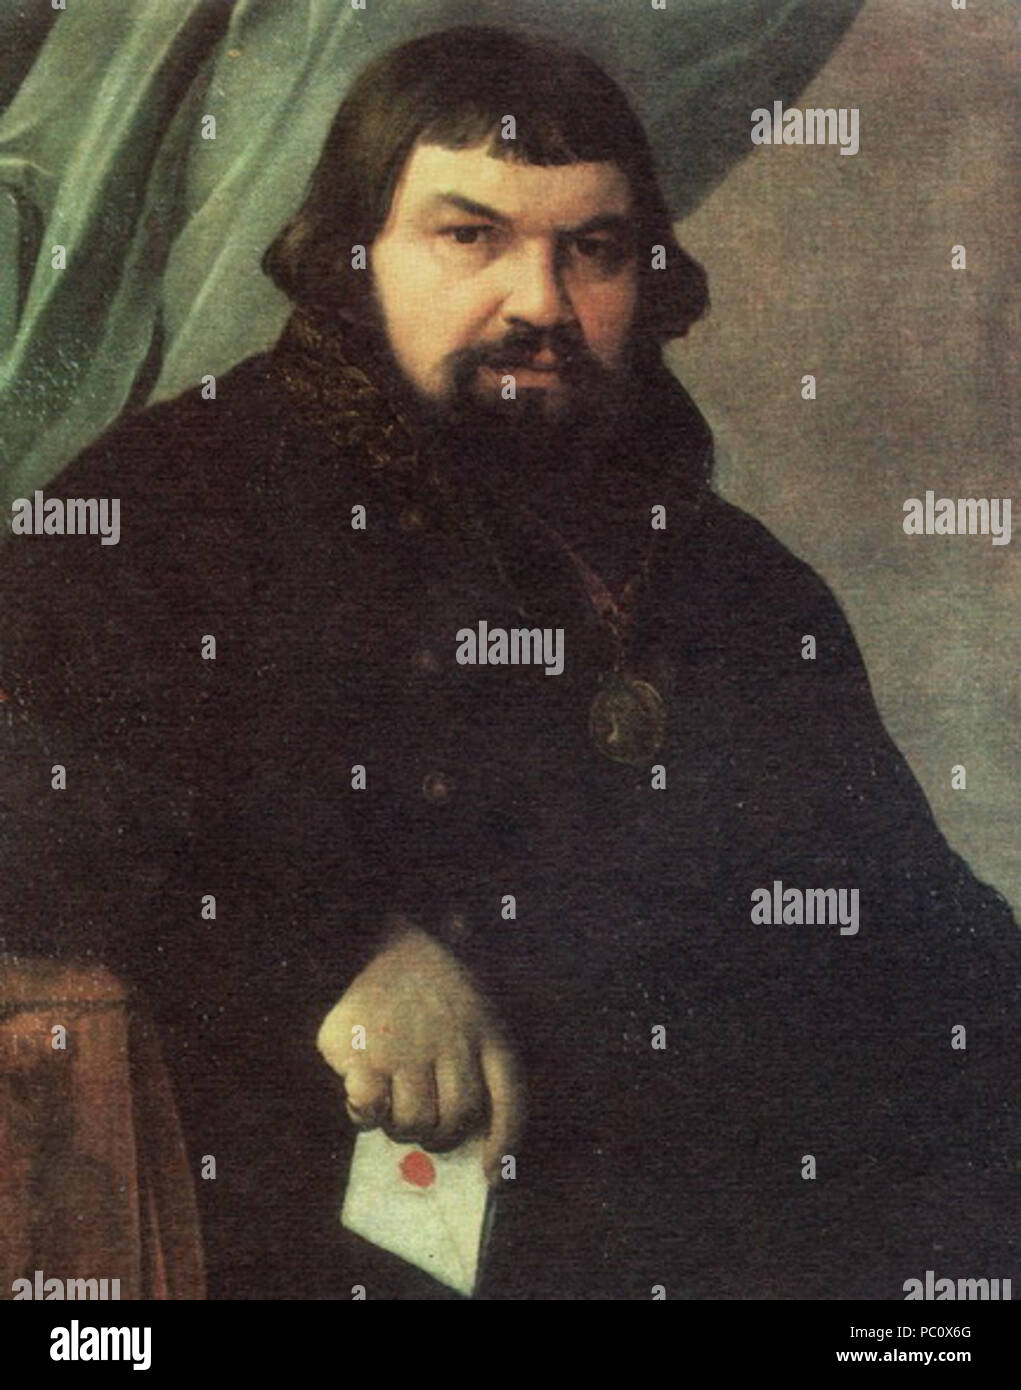 451 Obraztsov by Venetsianov - Stock Image